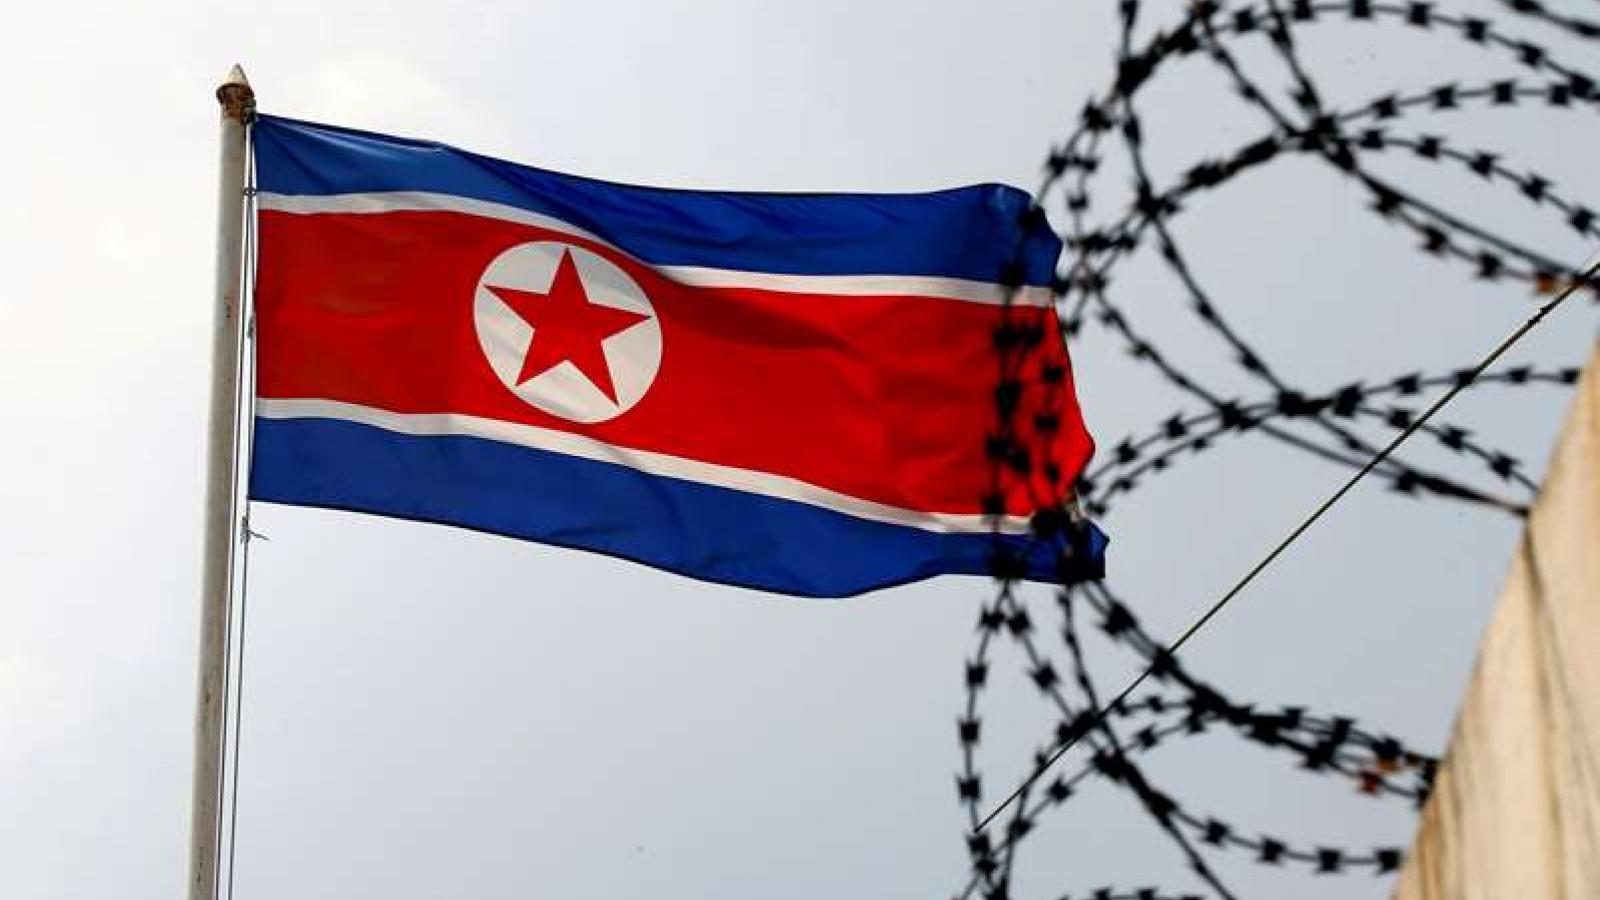 Triều Tiên cảnh báo đáp trả Mỹ về chính sách ngoại giao mới